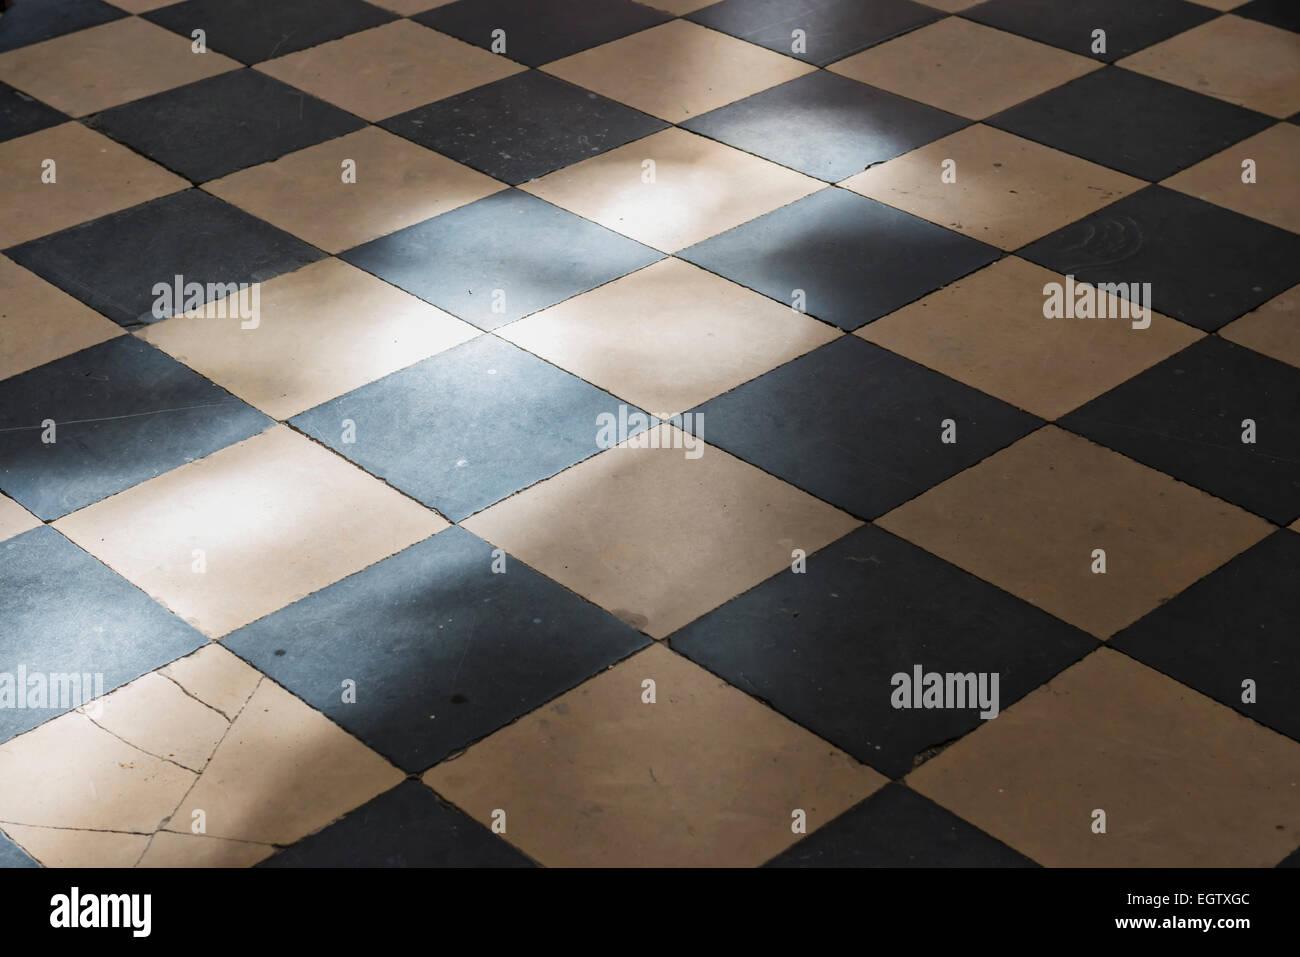 Fußboden Schwarz Weiß ~ Fliesen schwarz weiß boden: pvc boden vinyl fliesen mm fliesen